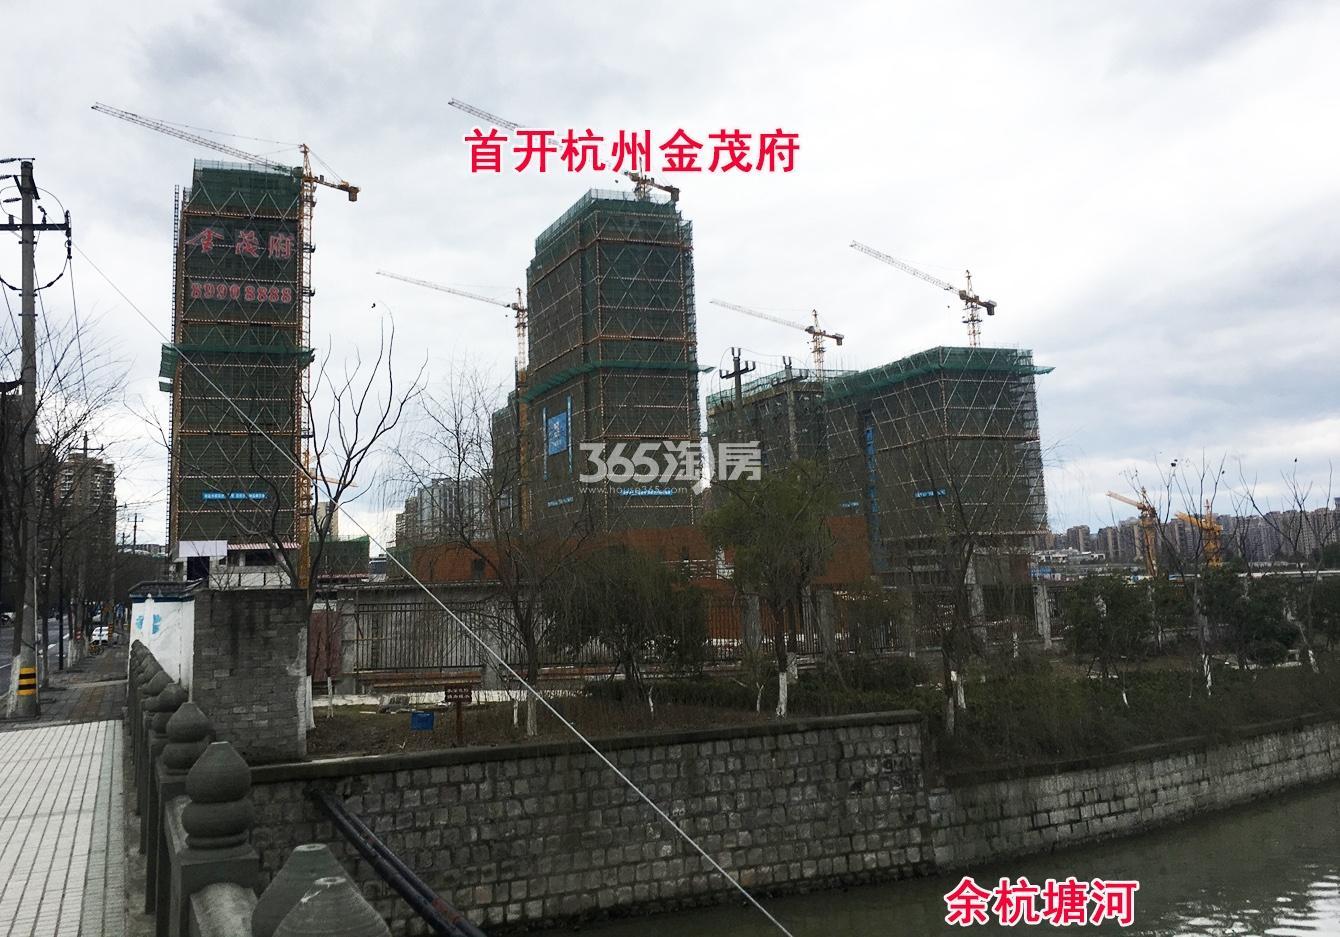 2018年2月28日首开杭州金茂府及周边河道